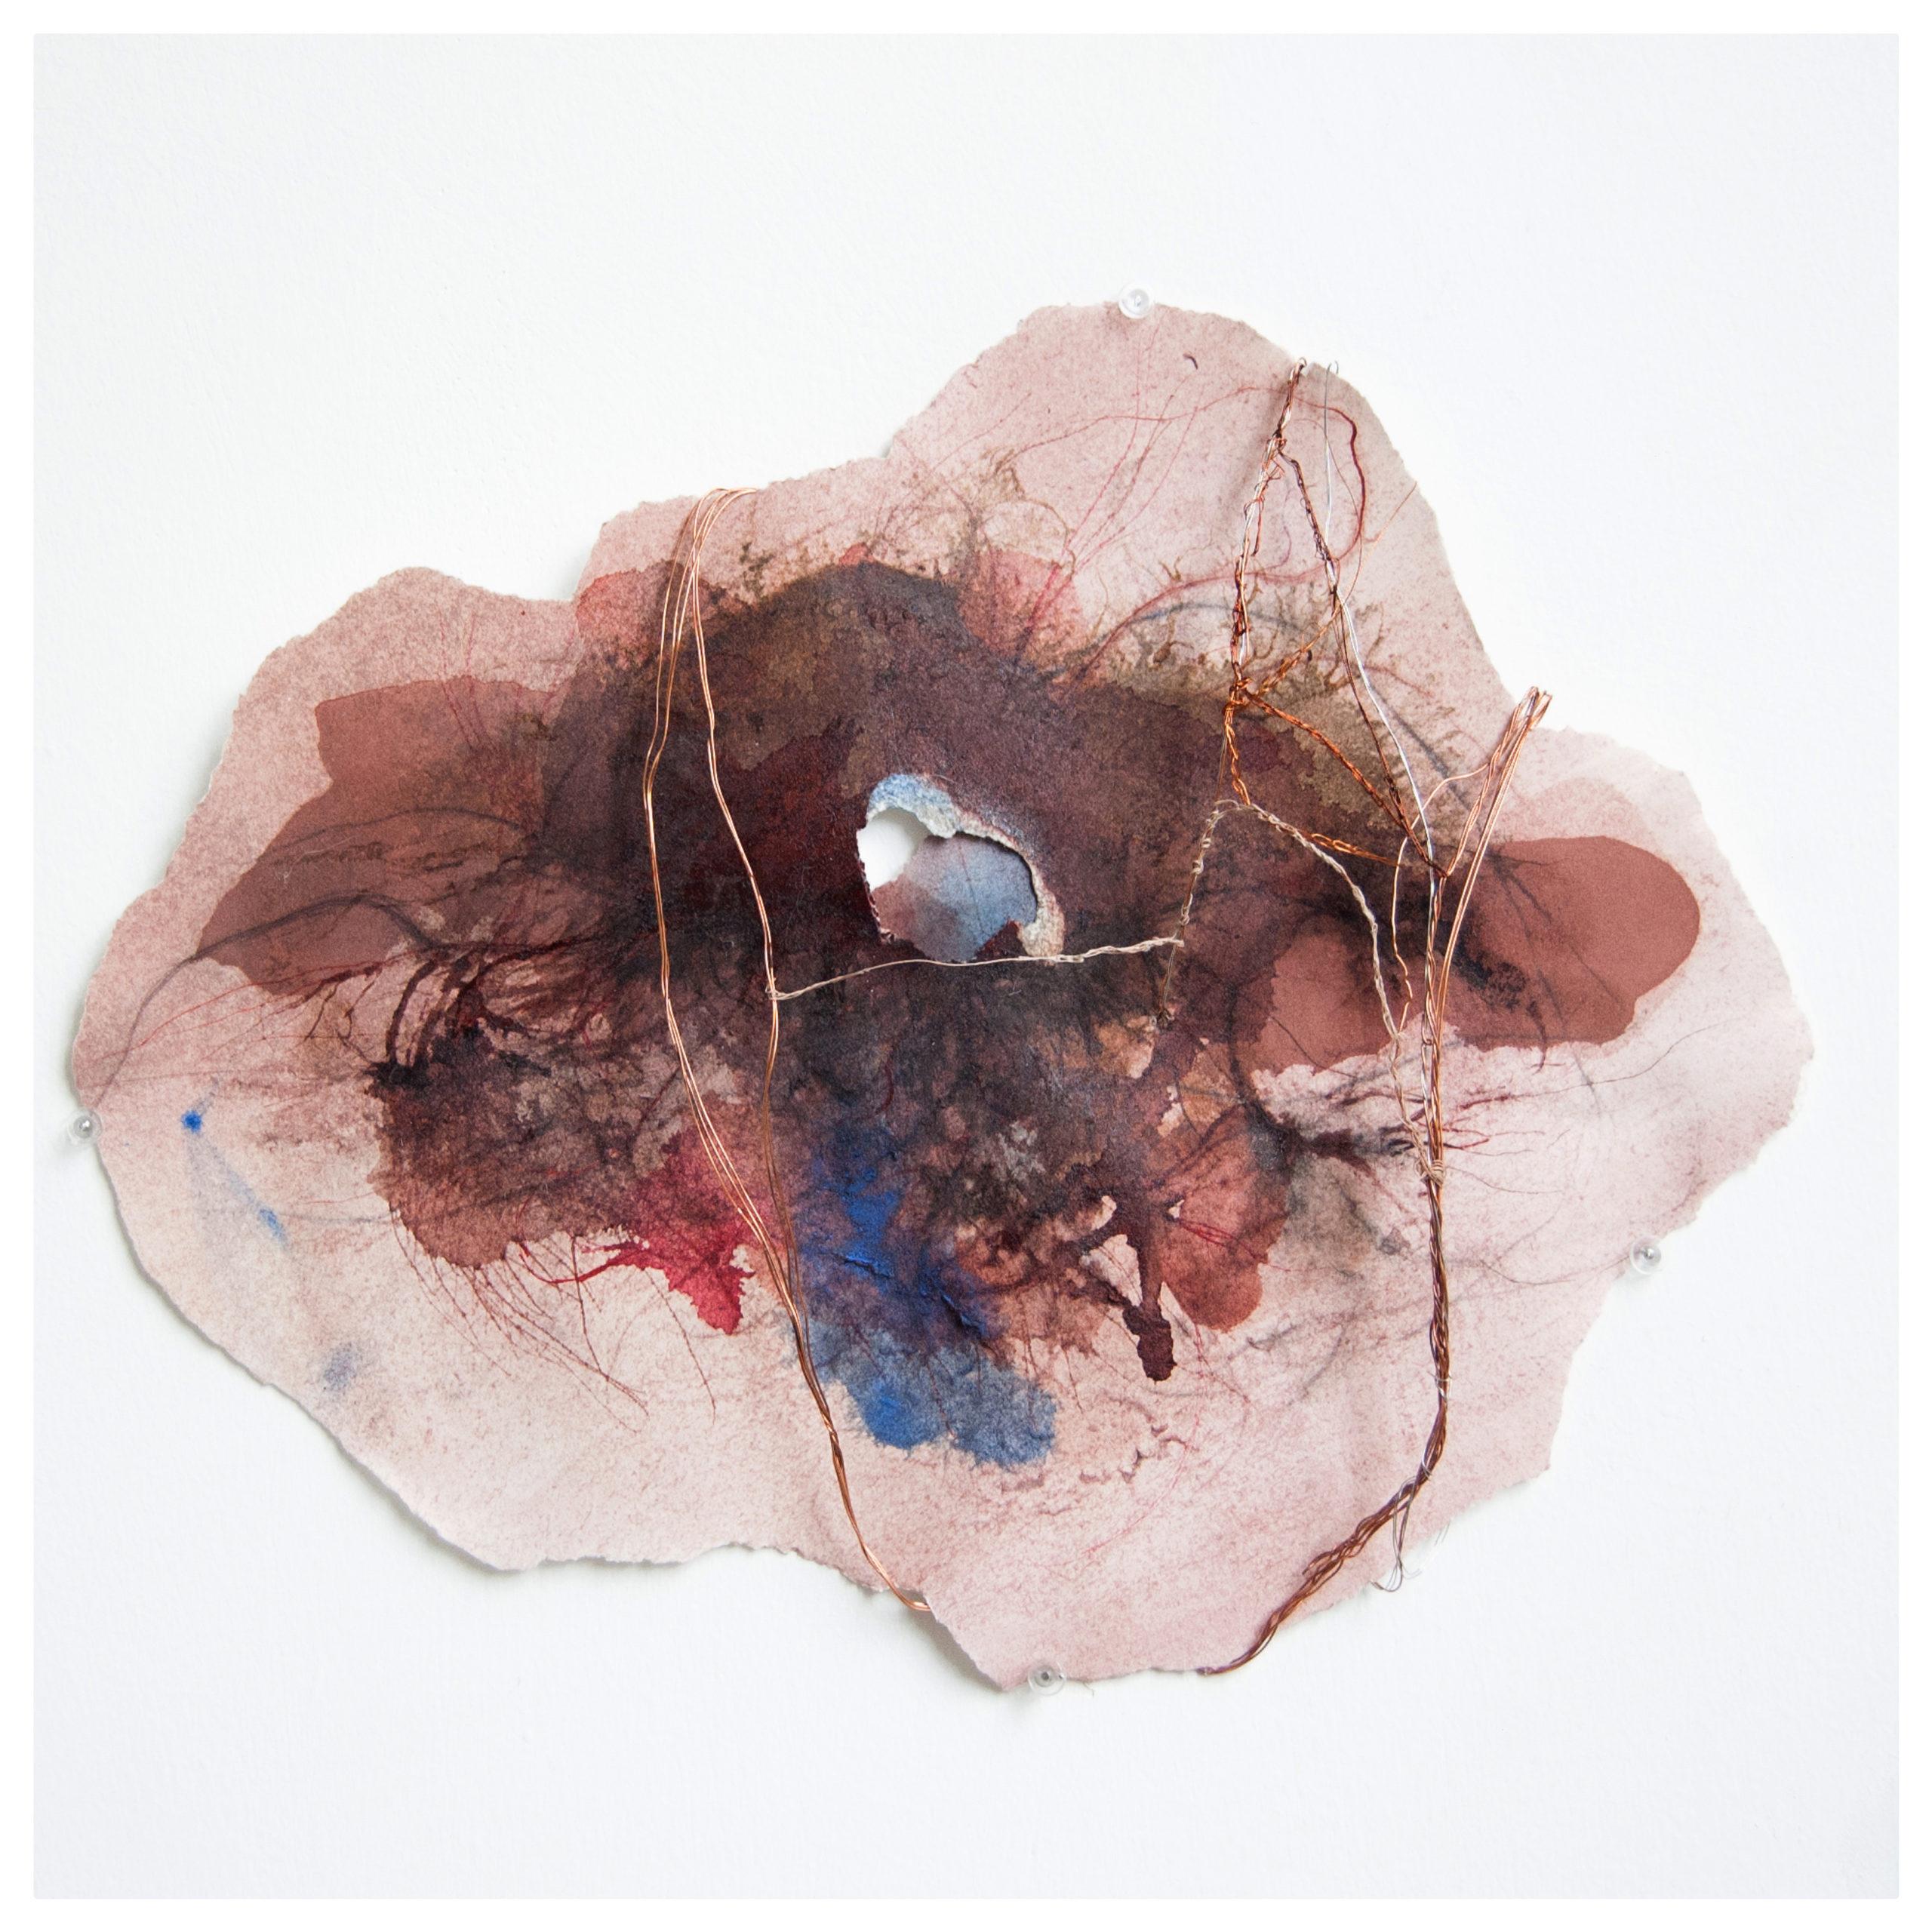 Gaëlle Chotard_sans titre_2019_encres et aquerelle sur papiers déchirés, fils métalliques, inks and watercolours on torn paper, metal threads_24x19x1,5 cm